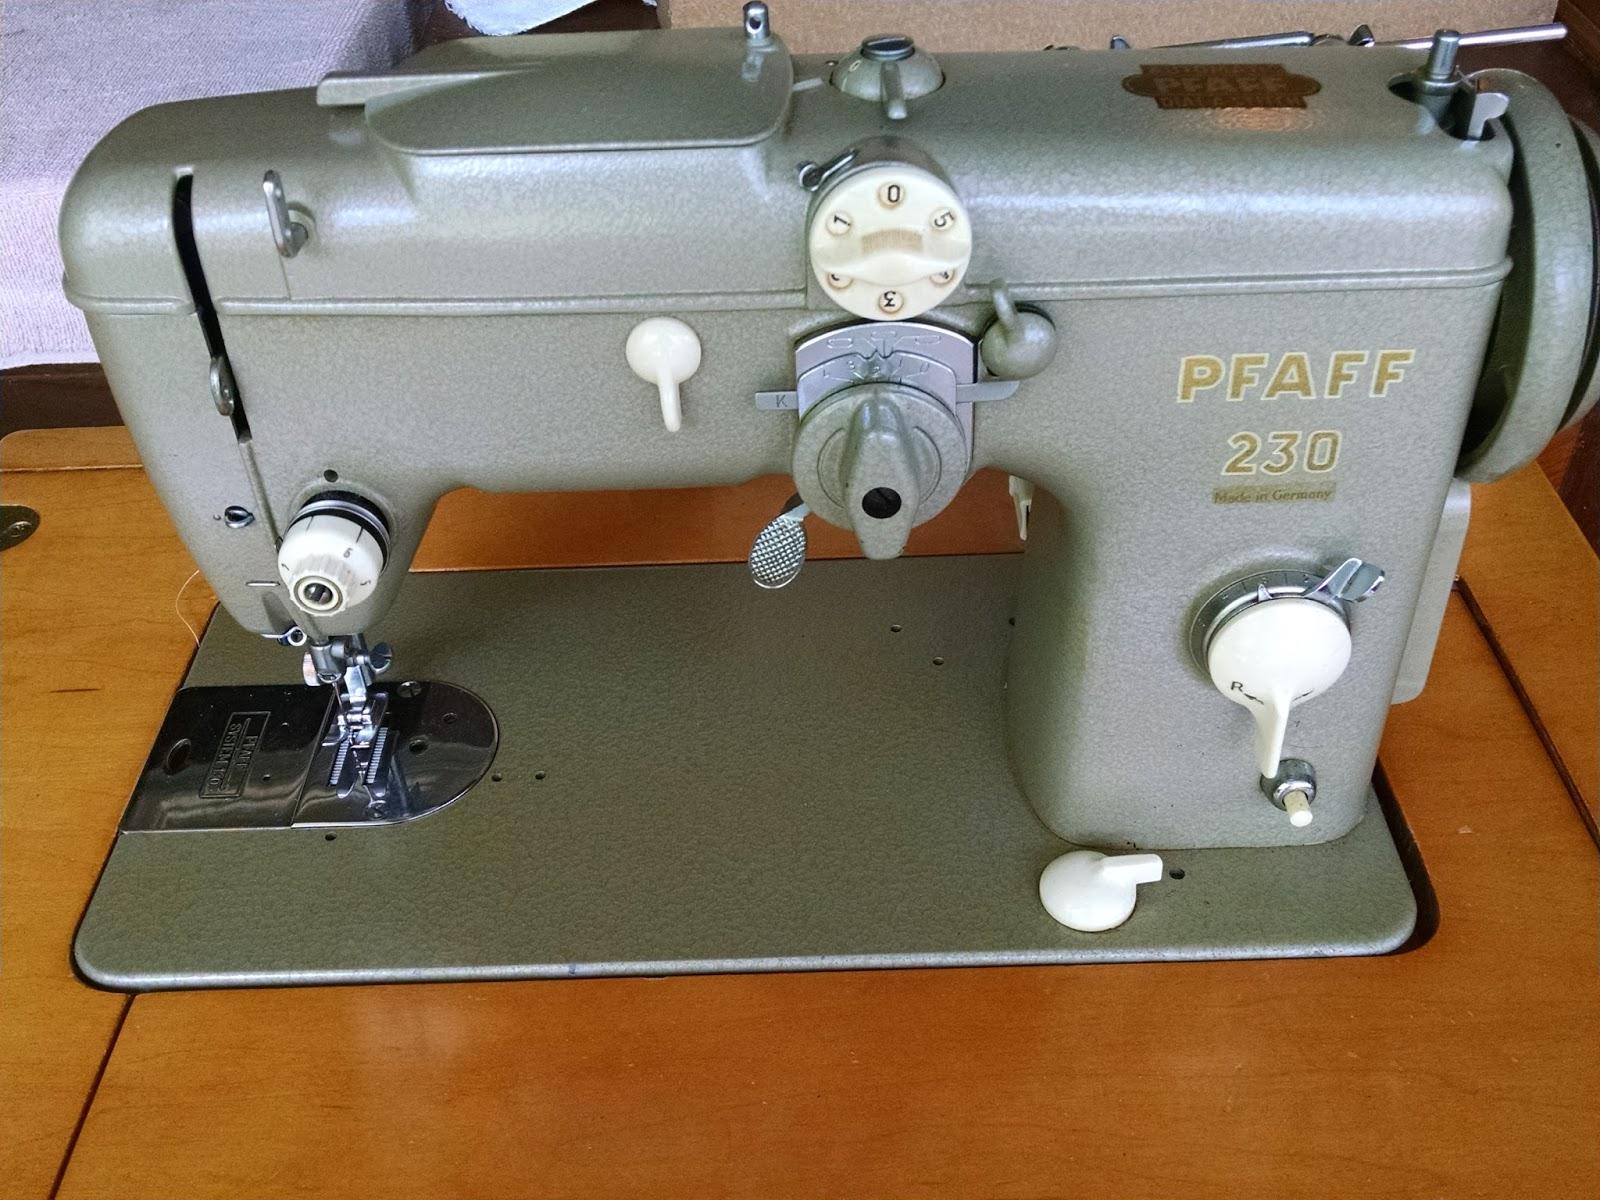 Sewing Machine Mavin: June 2016